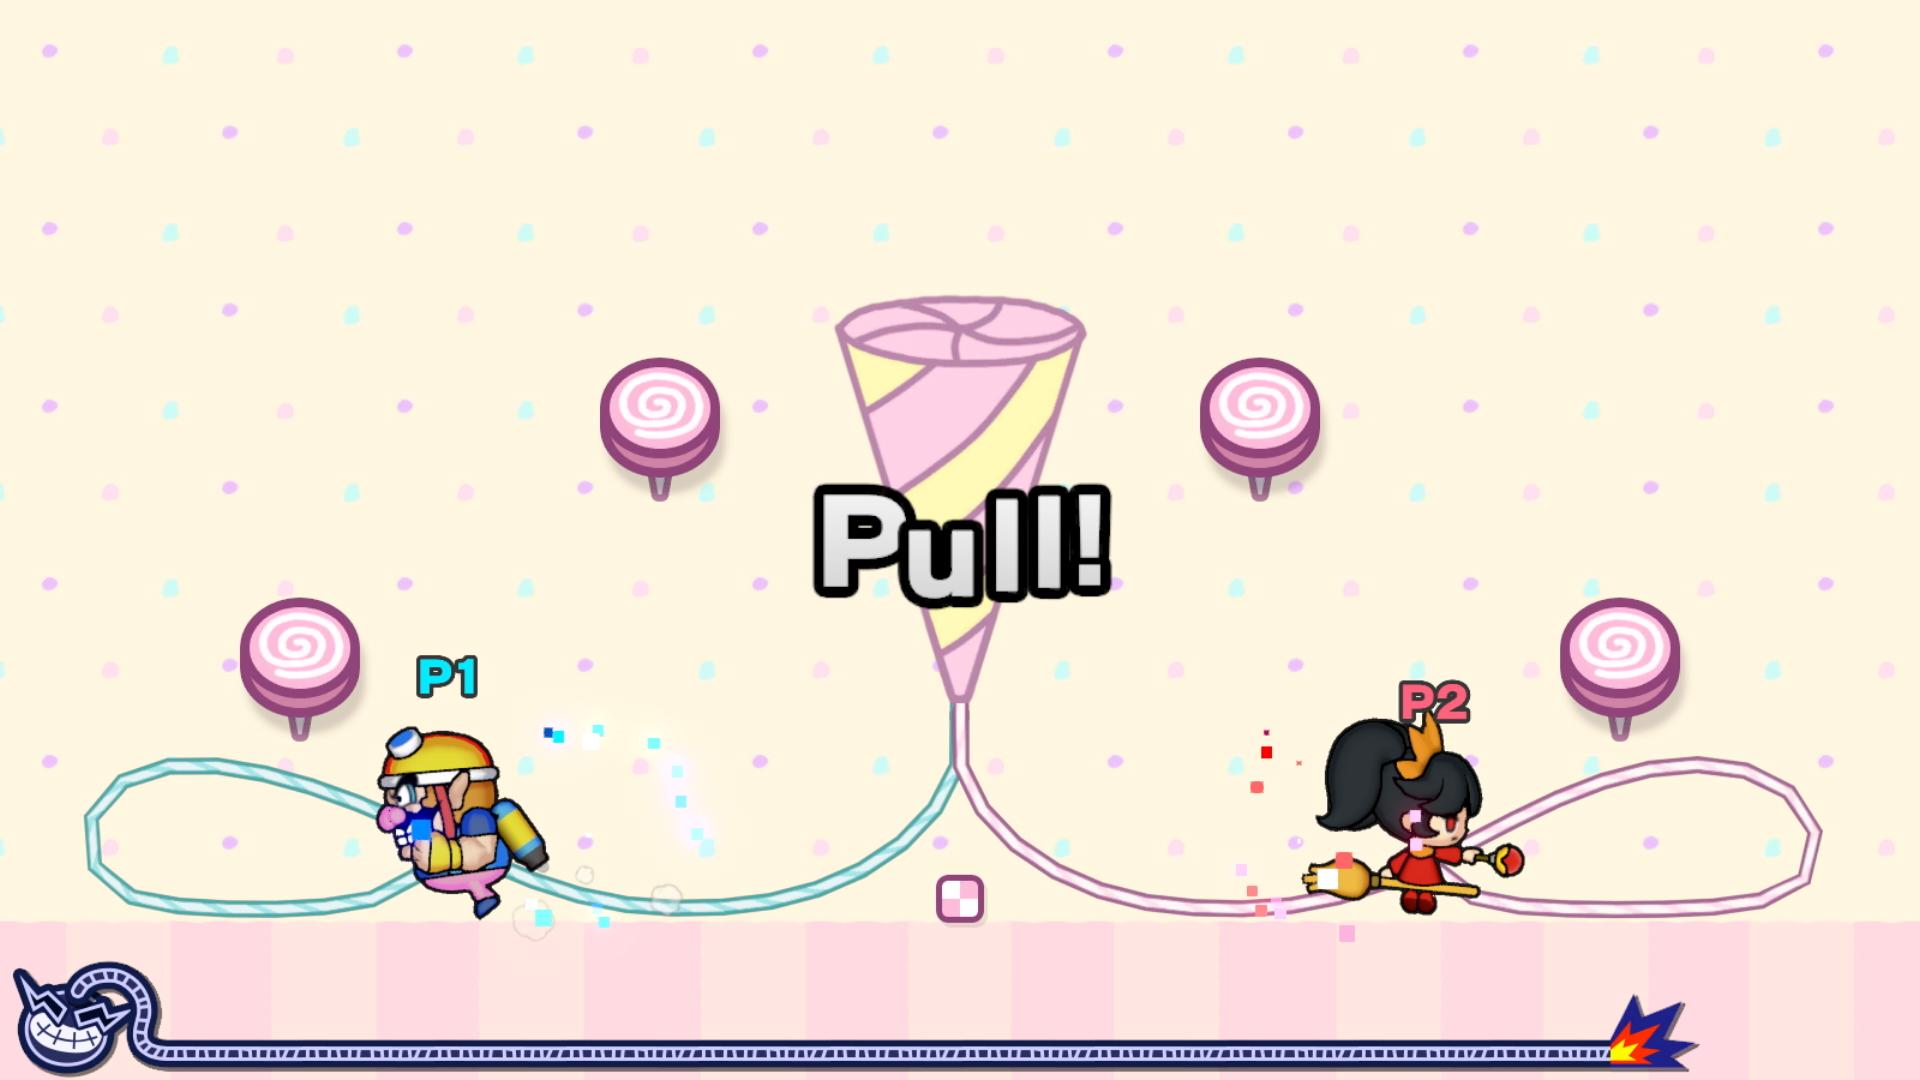 WarioWare GIT! screenshot - Pull!